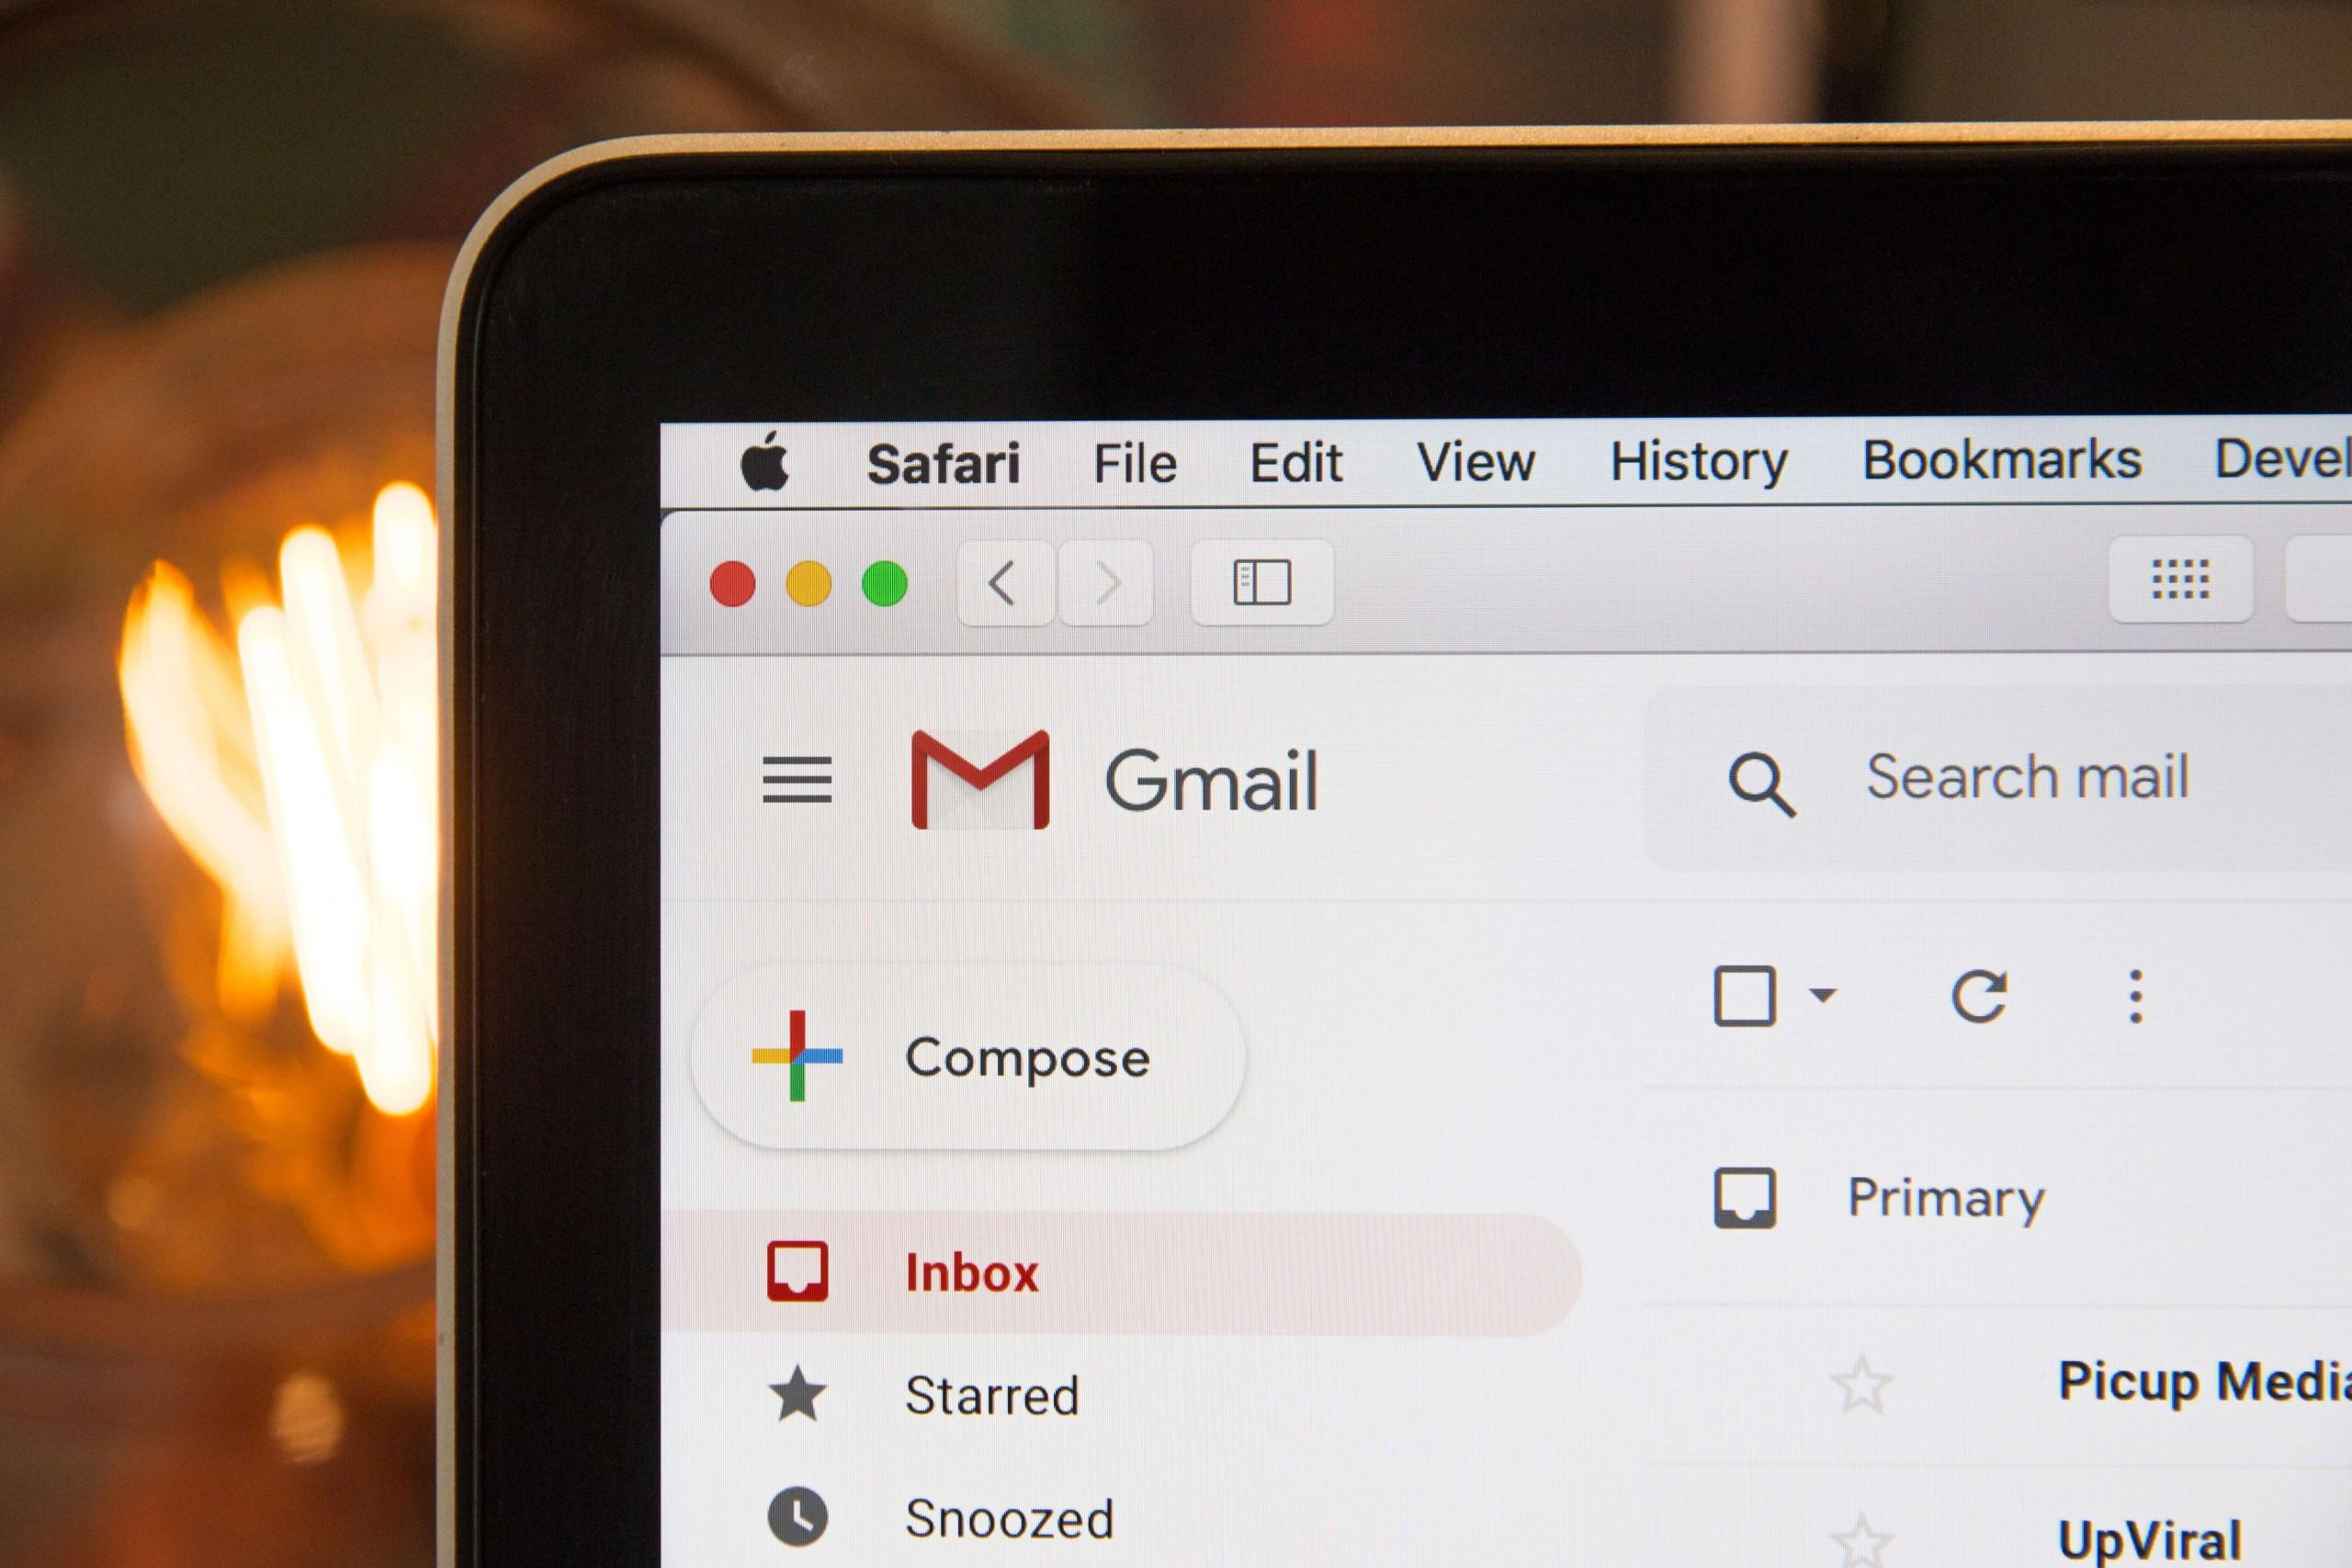 gmail_on_laptop_scrren